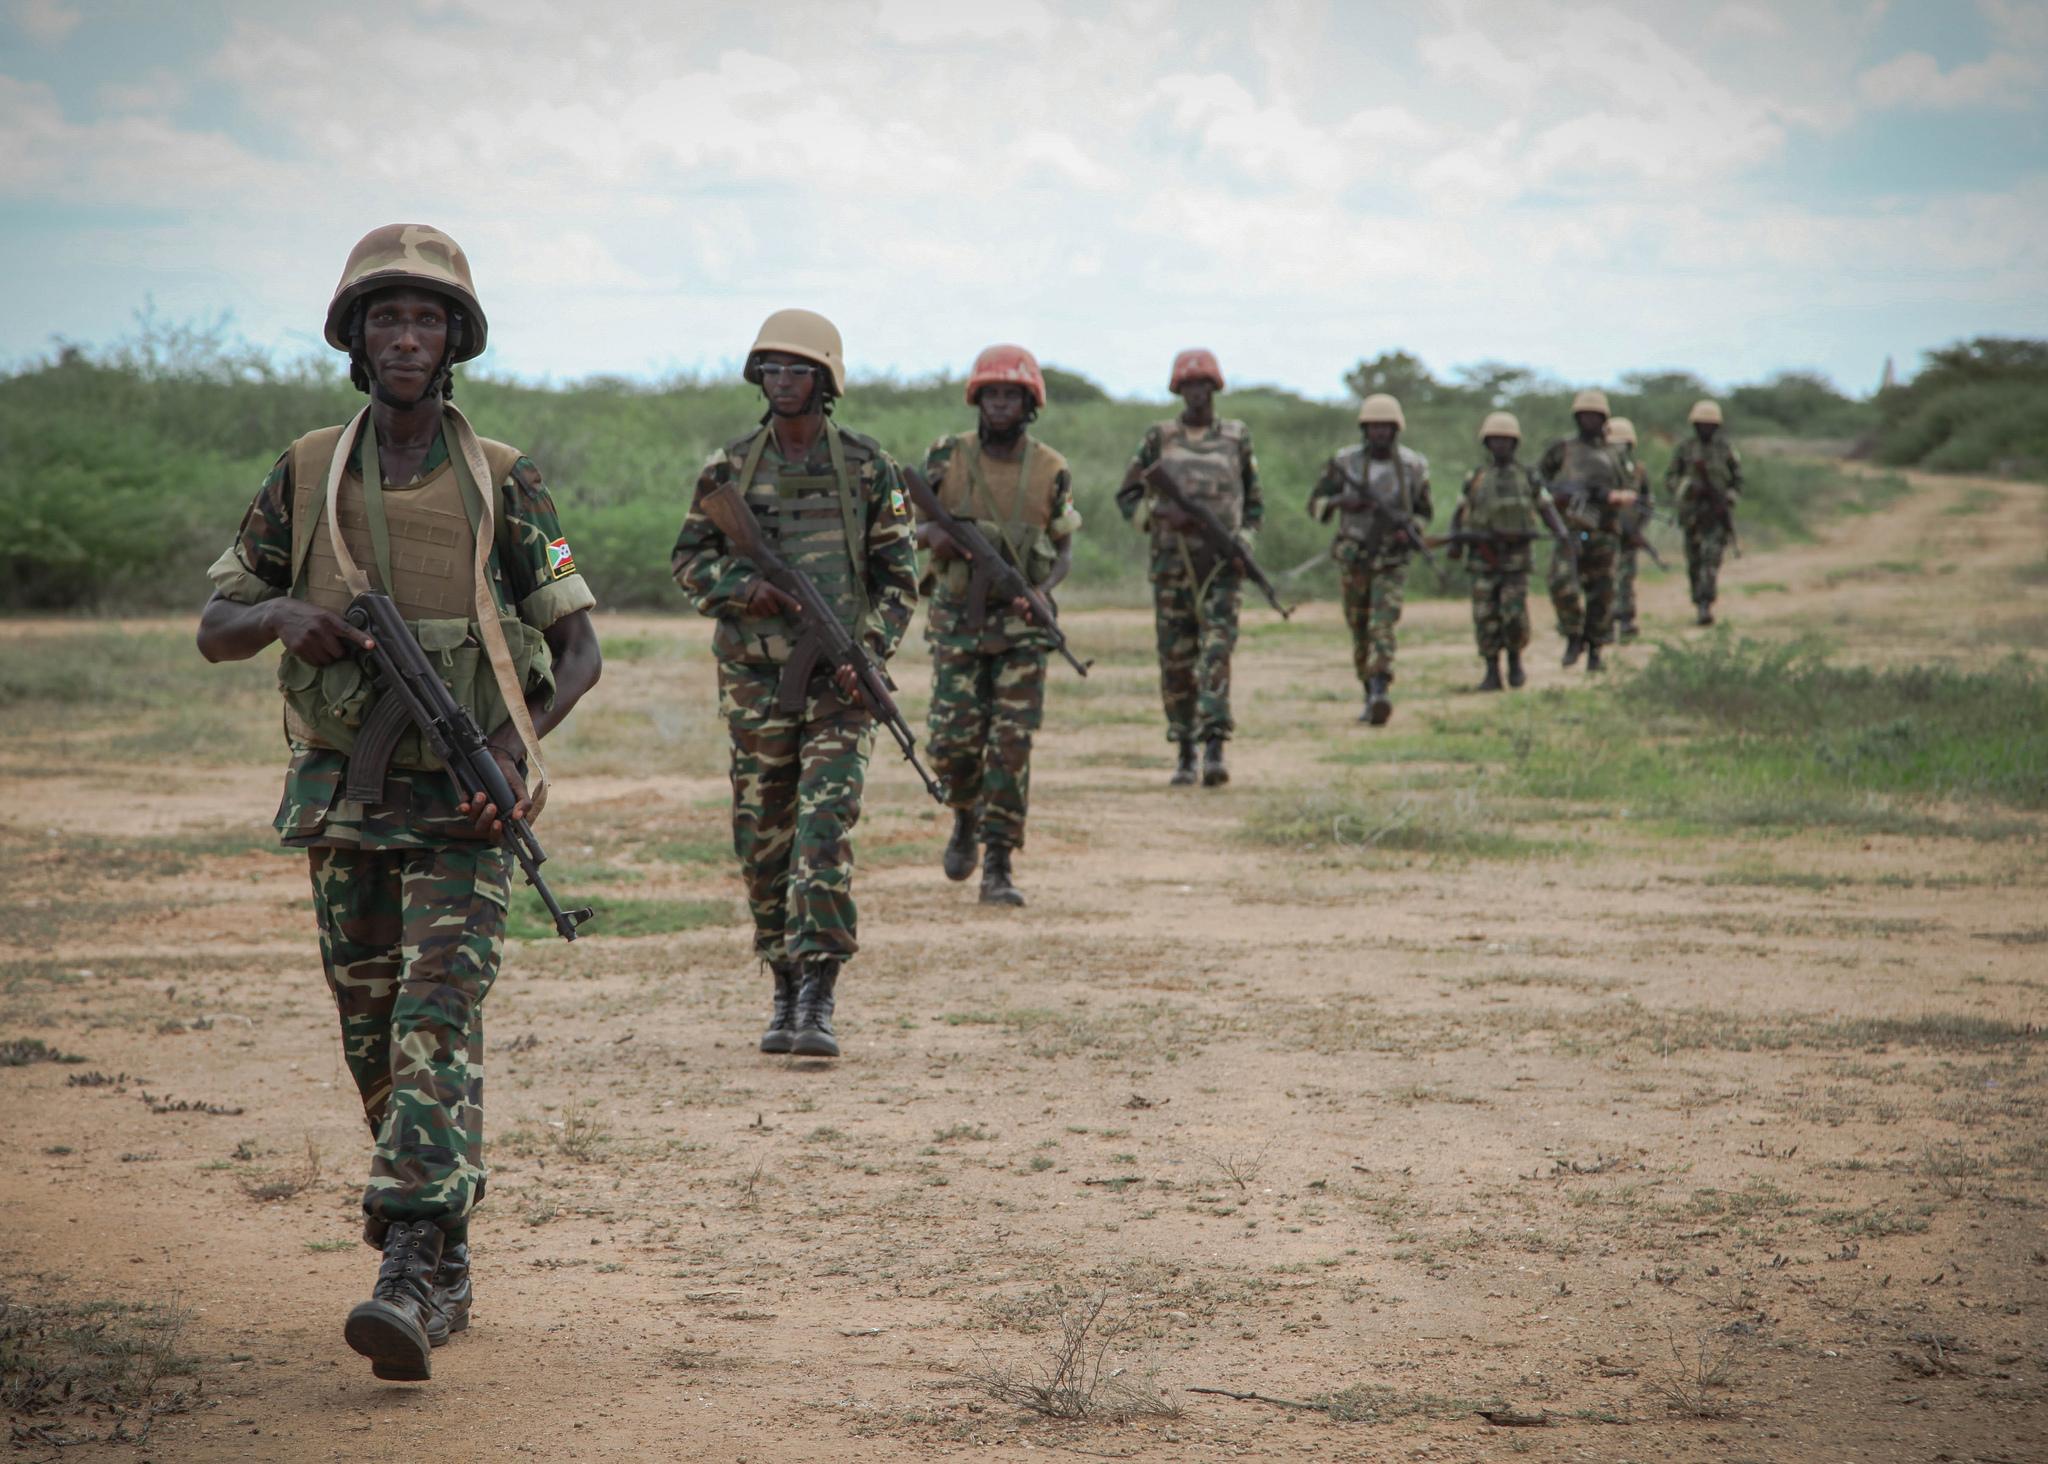 L'opposition armée burundaise: état et capacité d'influence sur le régime de Nkurunziza - Groupe de recherche et d'information sur la paix et la sécurité